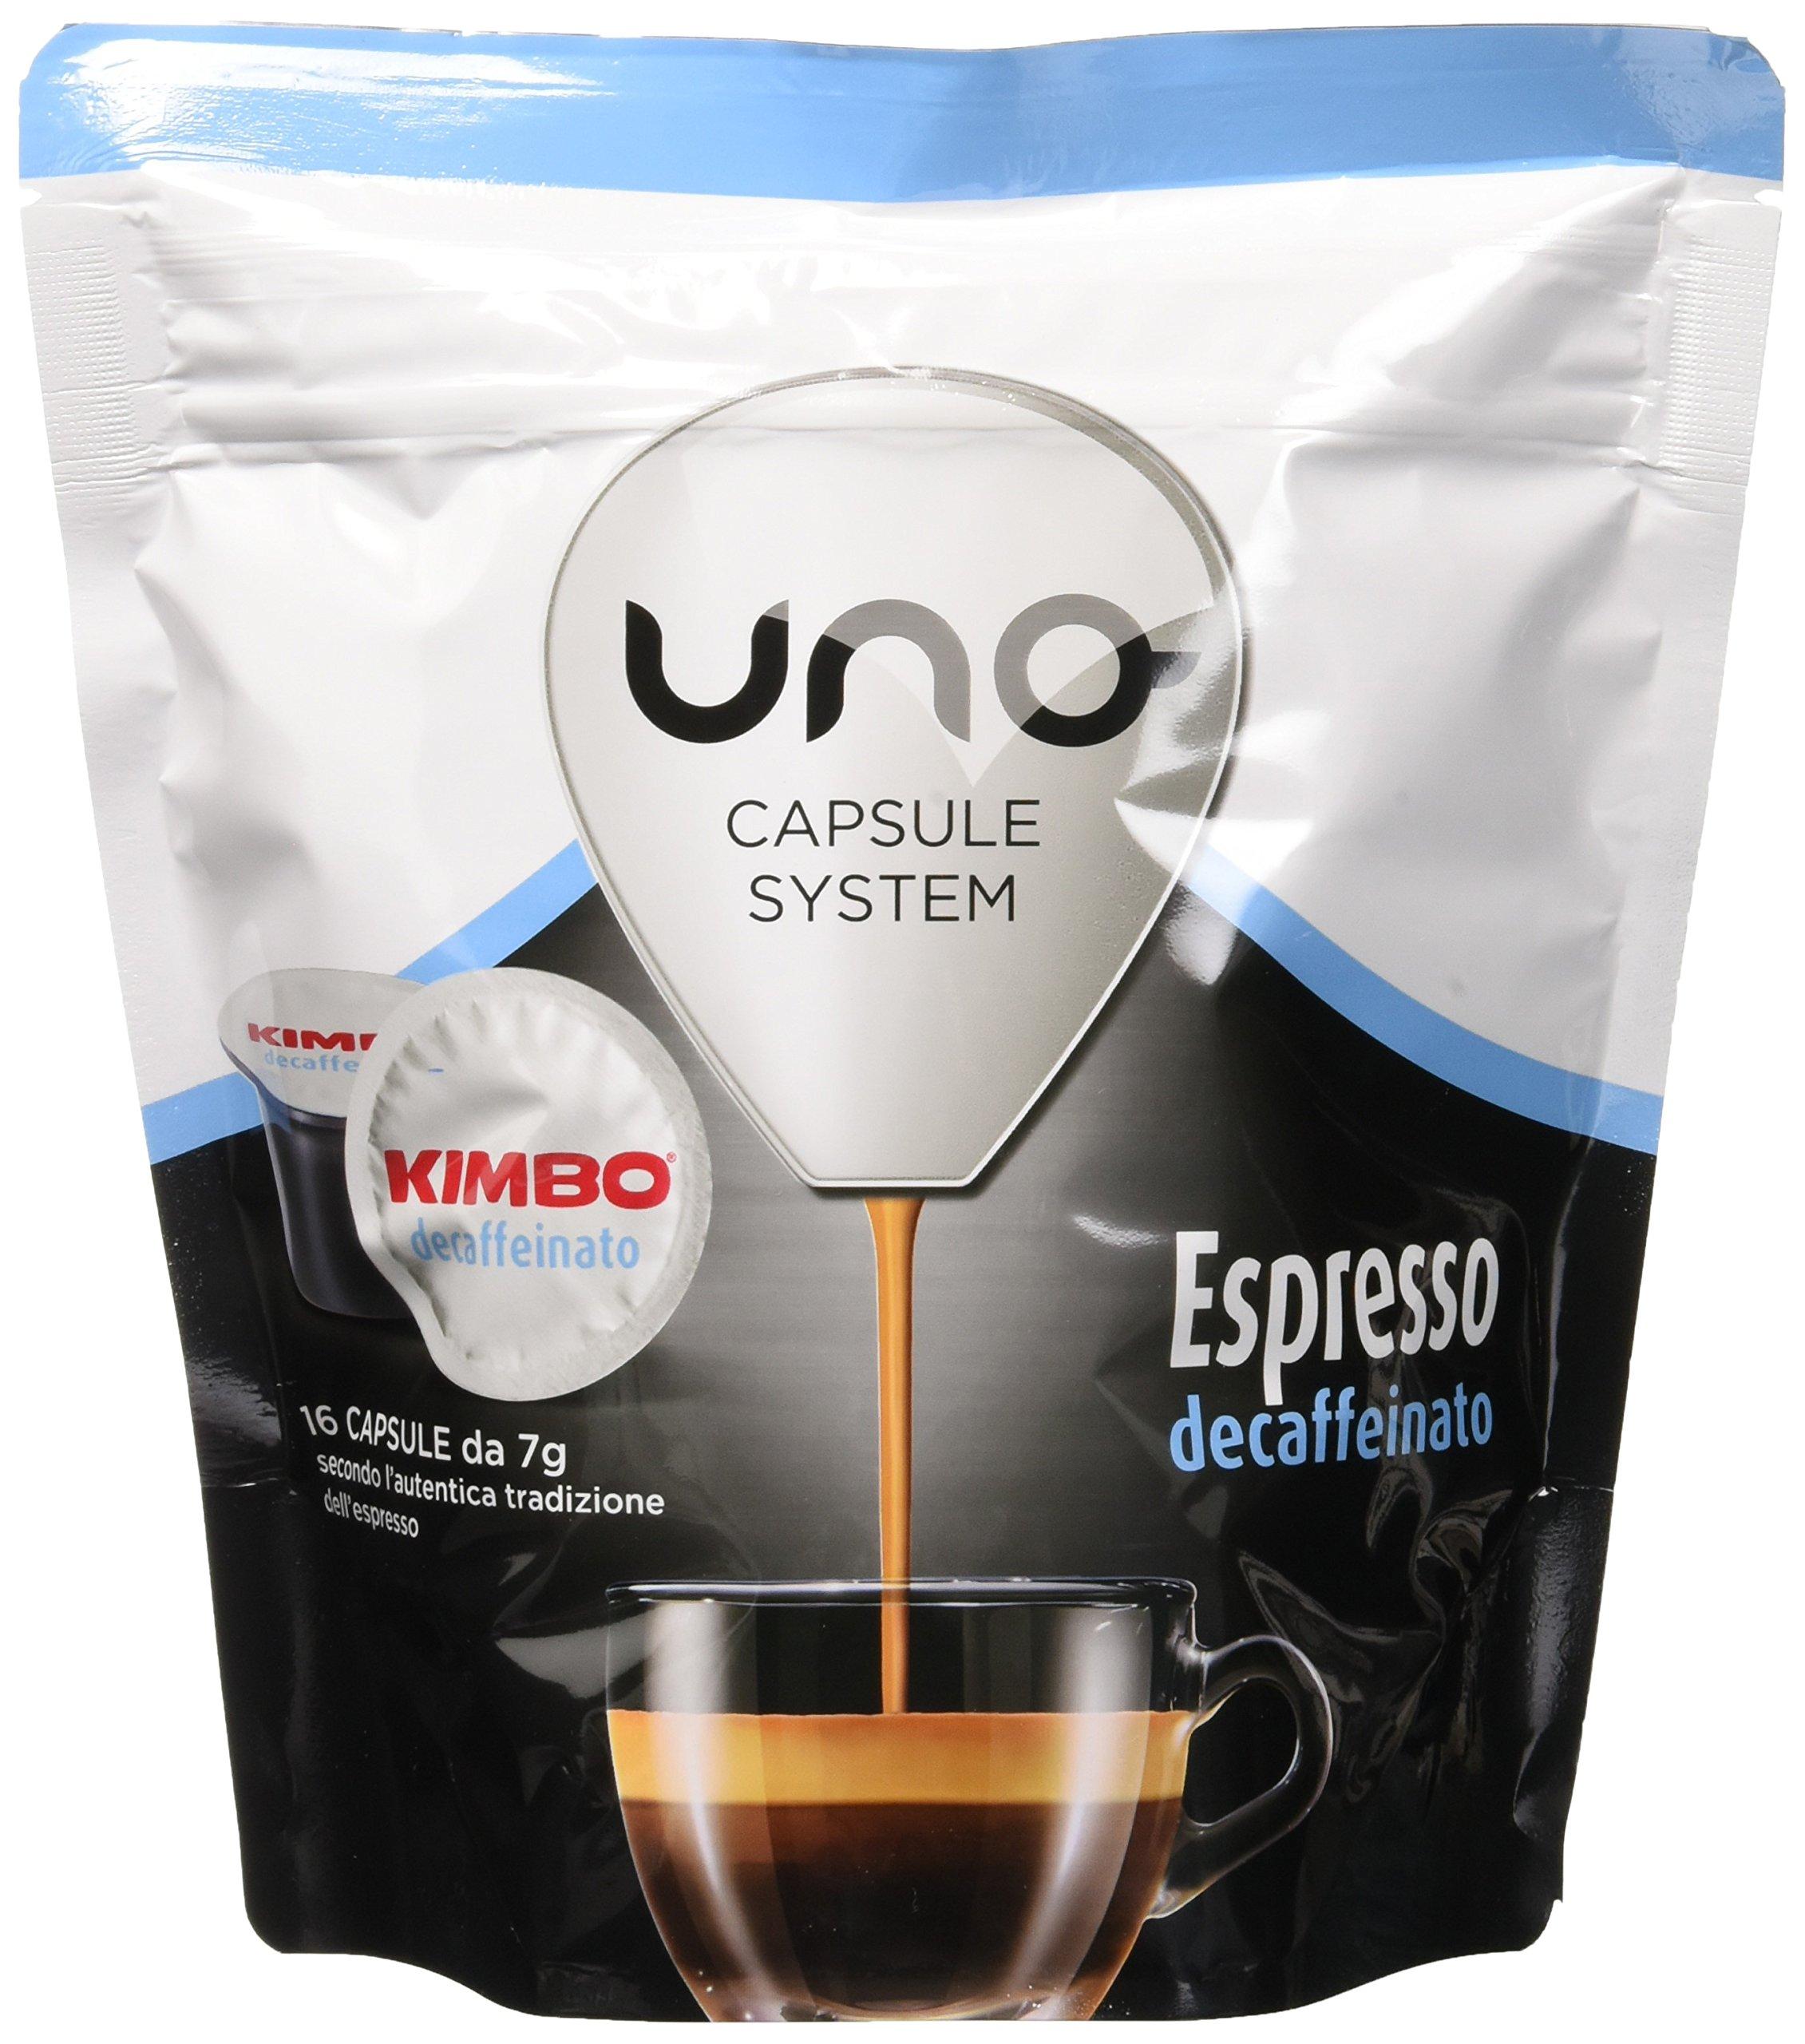 Kimbo Capsule di Caffè Espresso Decaffeinato (Deca), Kimbo UNO System, 6 Pacchi da 16 Capsule (Totale 96 Capsule) 1 spesavip